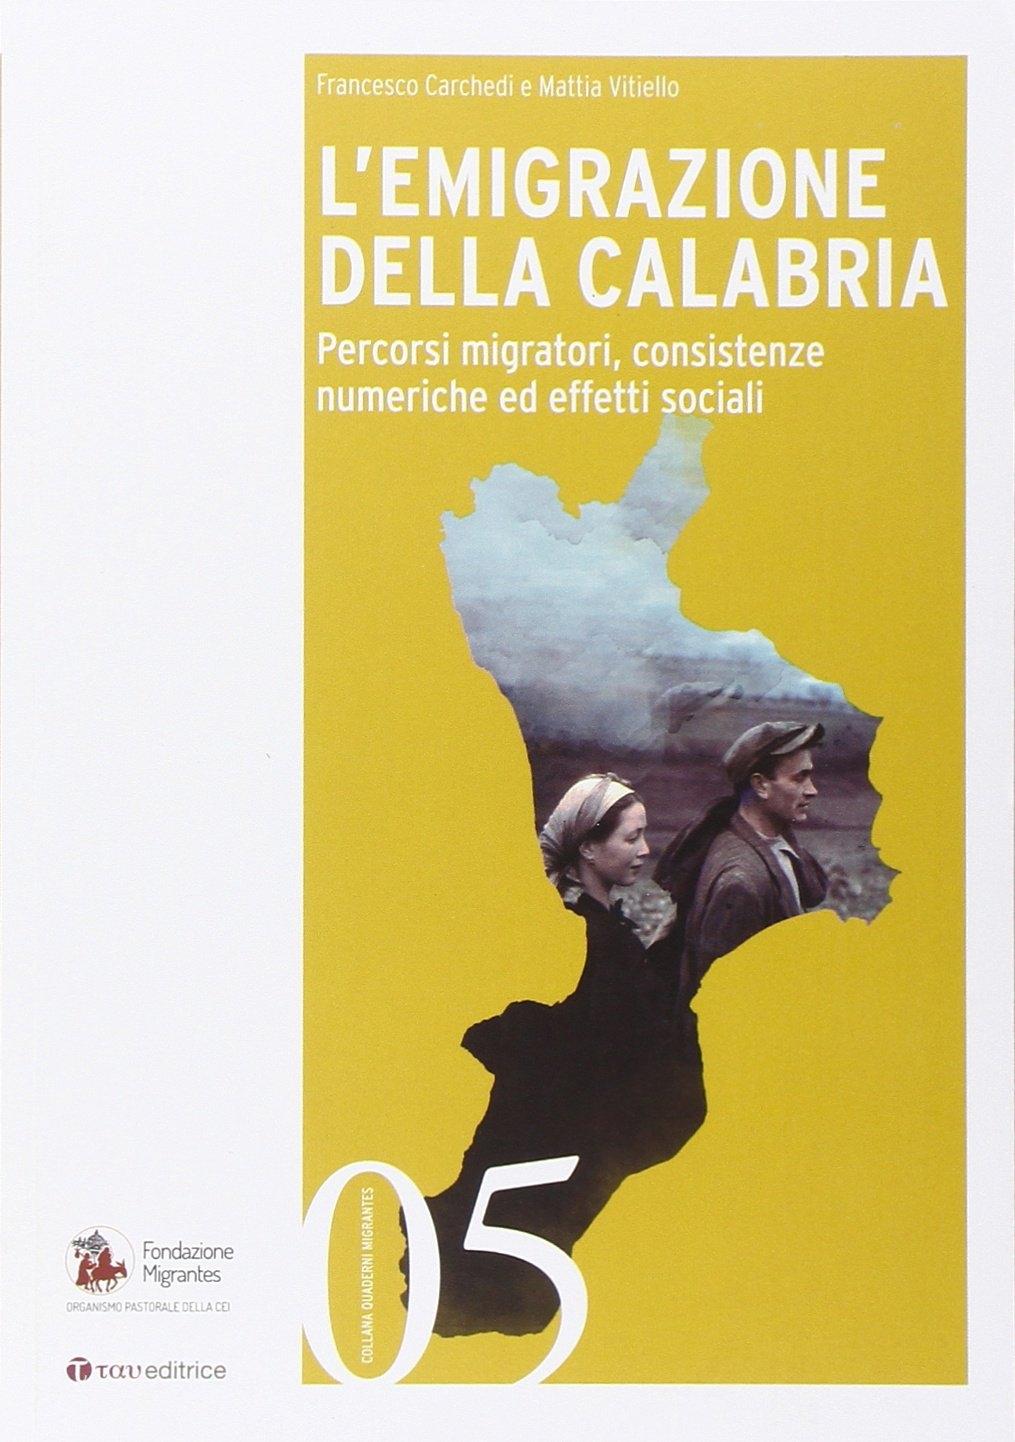 L'emigrazione della Calabria. Percorsi migratori, consistenze numeriche ed effetti sociali